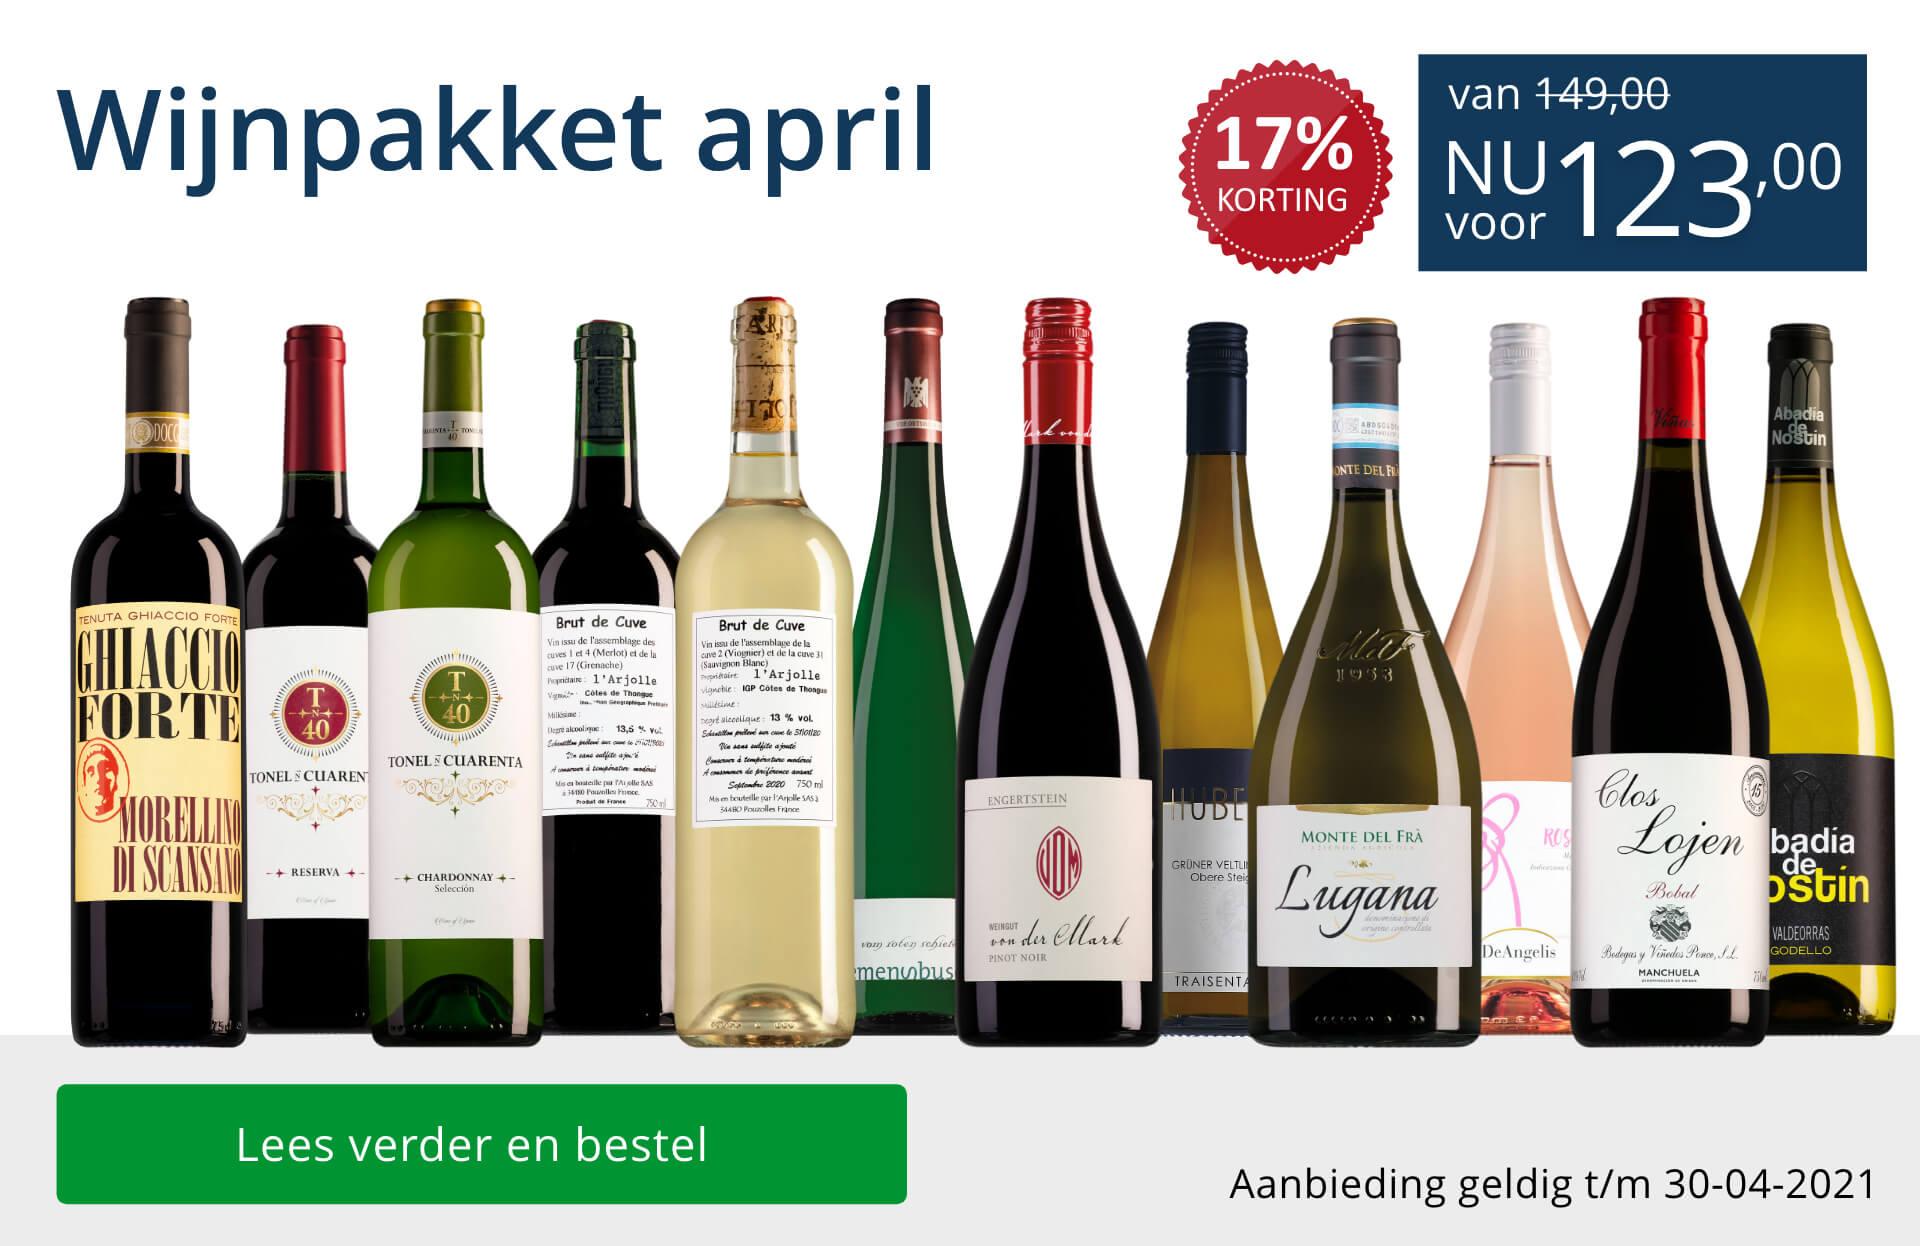 Wijnpakket wijnbericht april 2021 (123,00) - blauw